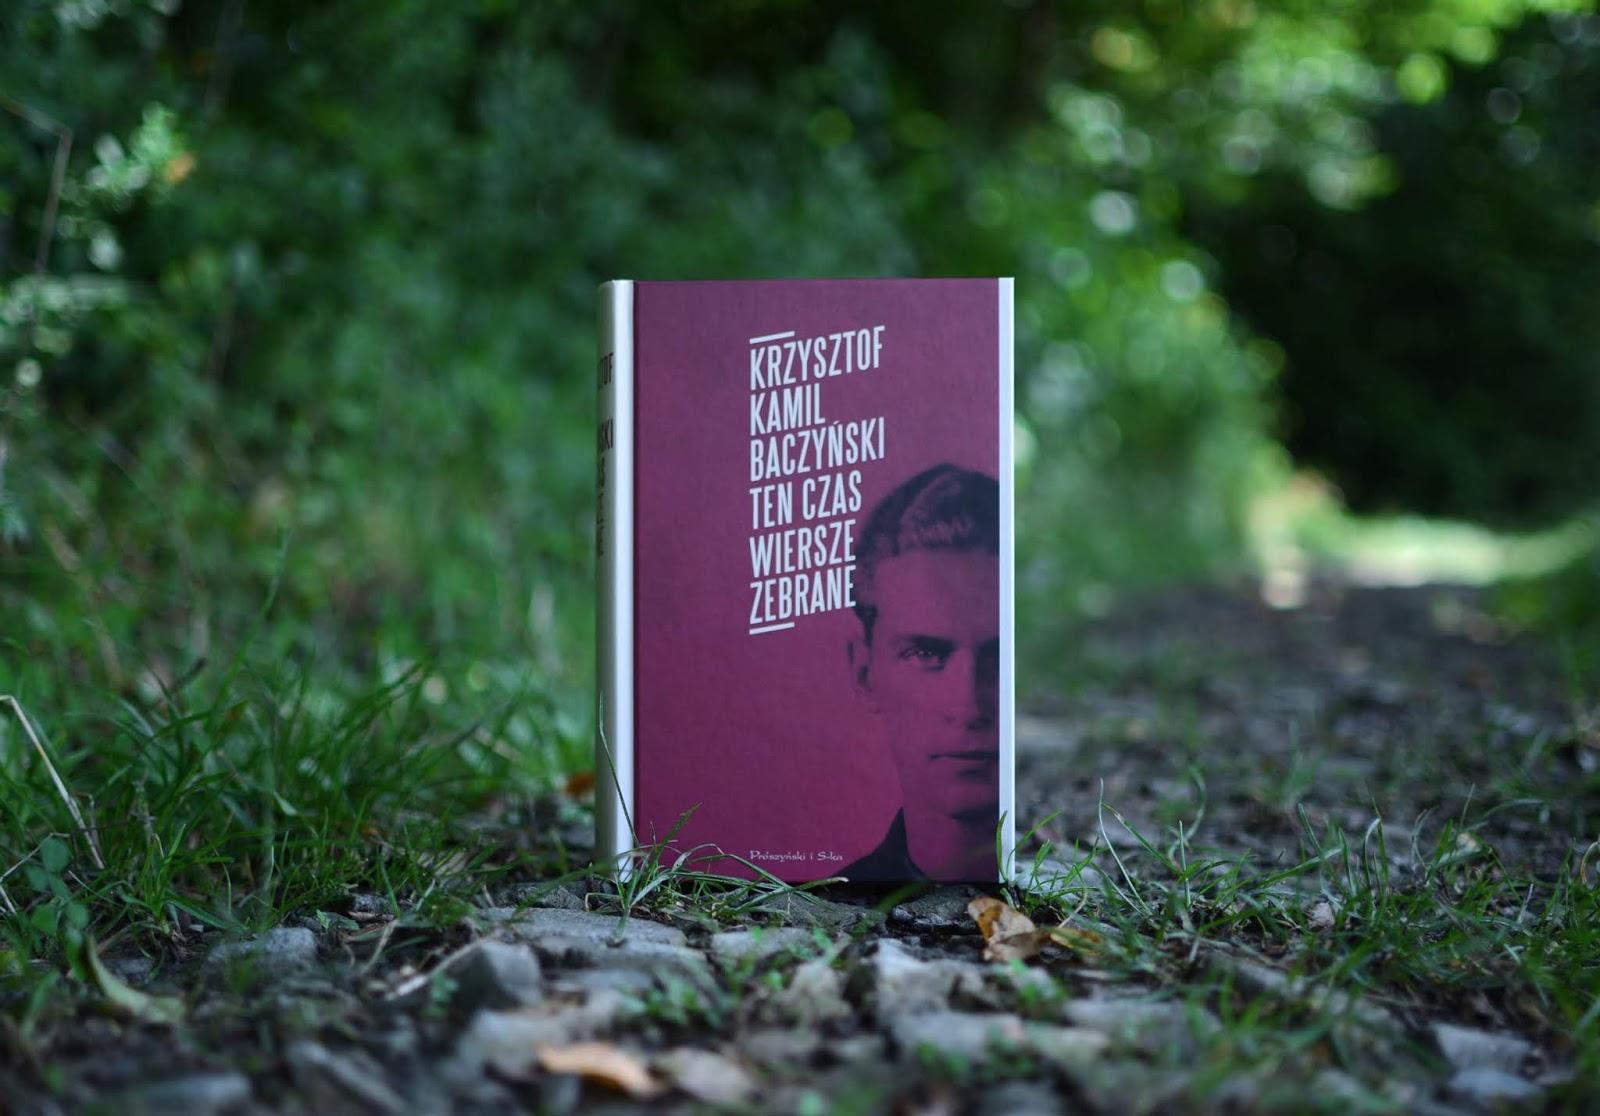 Bookparadise Ten Czas Wiersze Zebrane Krzysztof Kamil